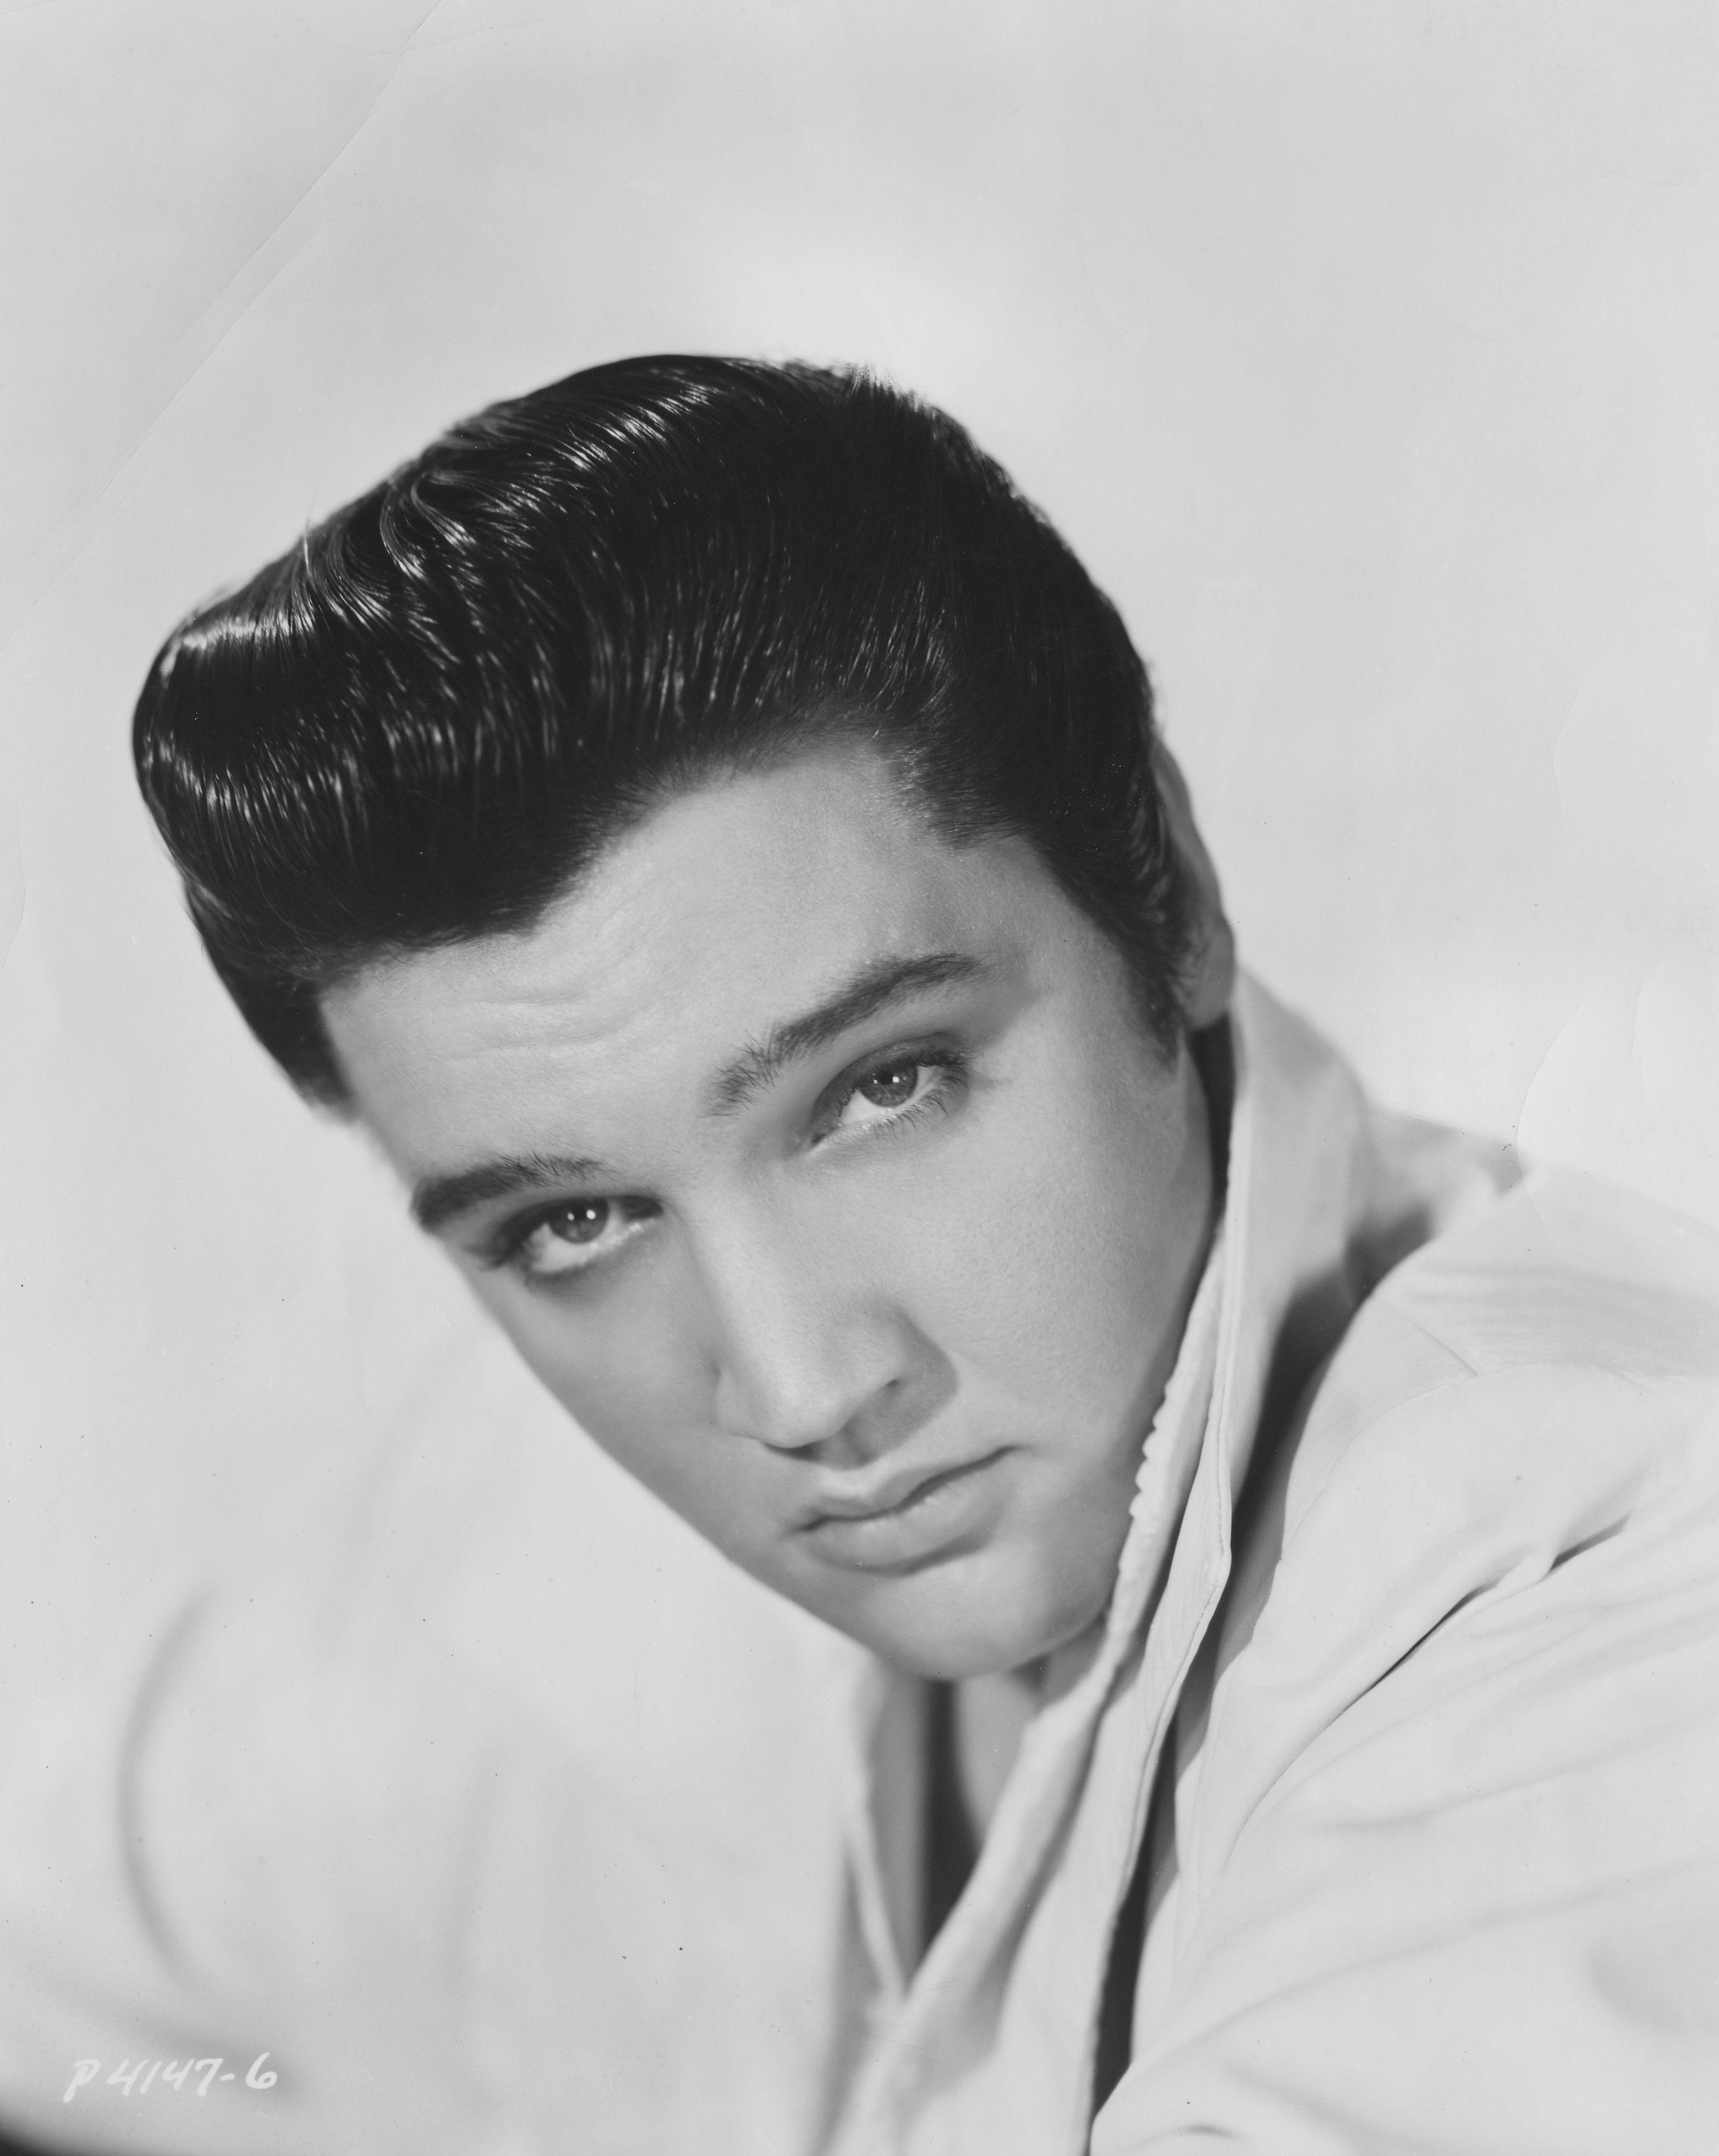 Elvis Presley S Life In Photos Rare Photos Of Elvis Presley